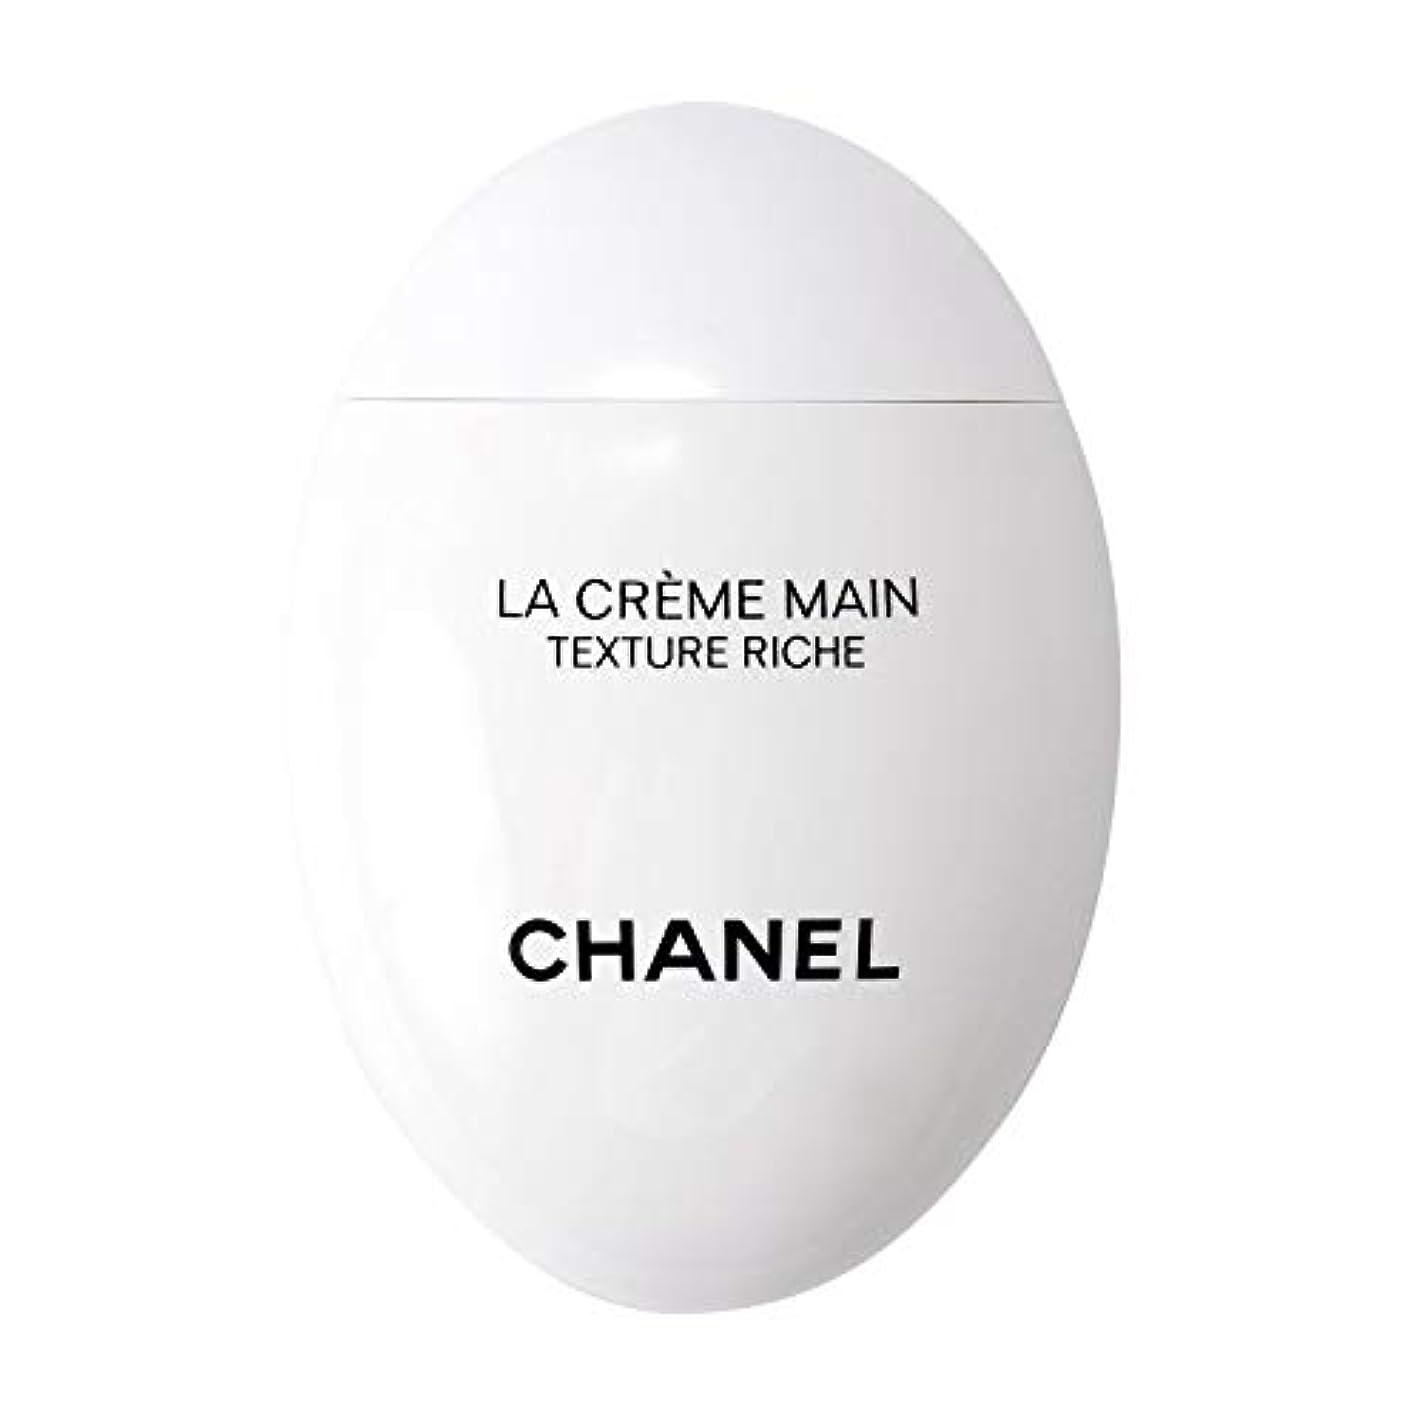 陰謀ぎこちない戸惑う[ギフトラッピング] シャネル CHANEL ハンドクリーム 50ml ラ クレーム マン ショップバッグ付き (50ml)